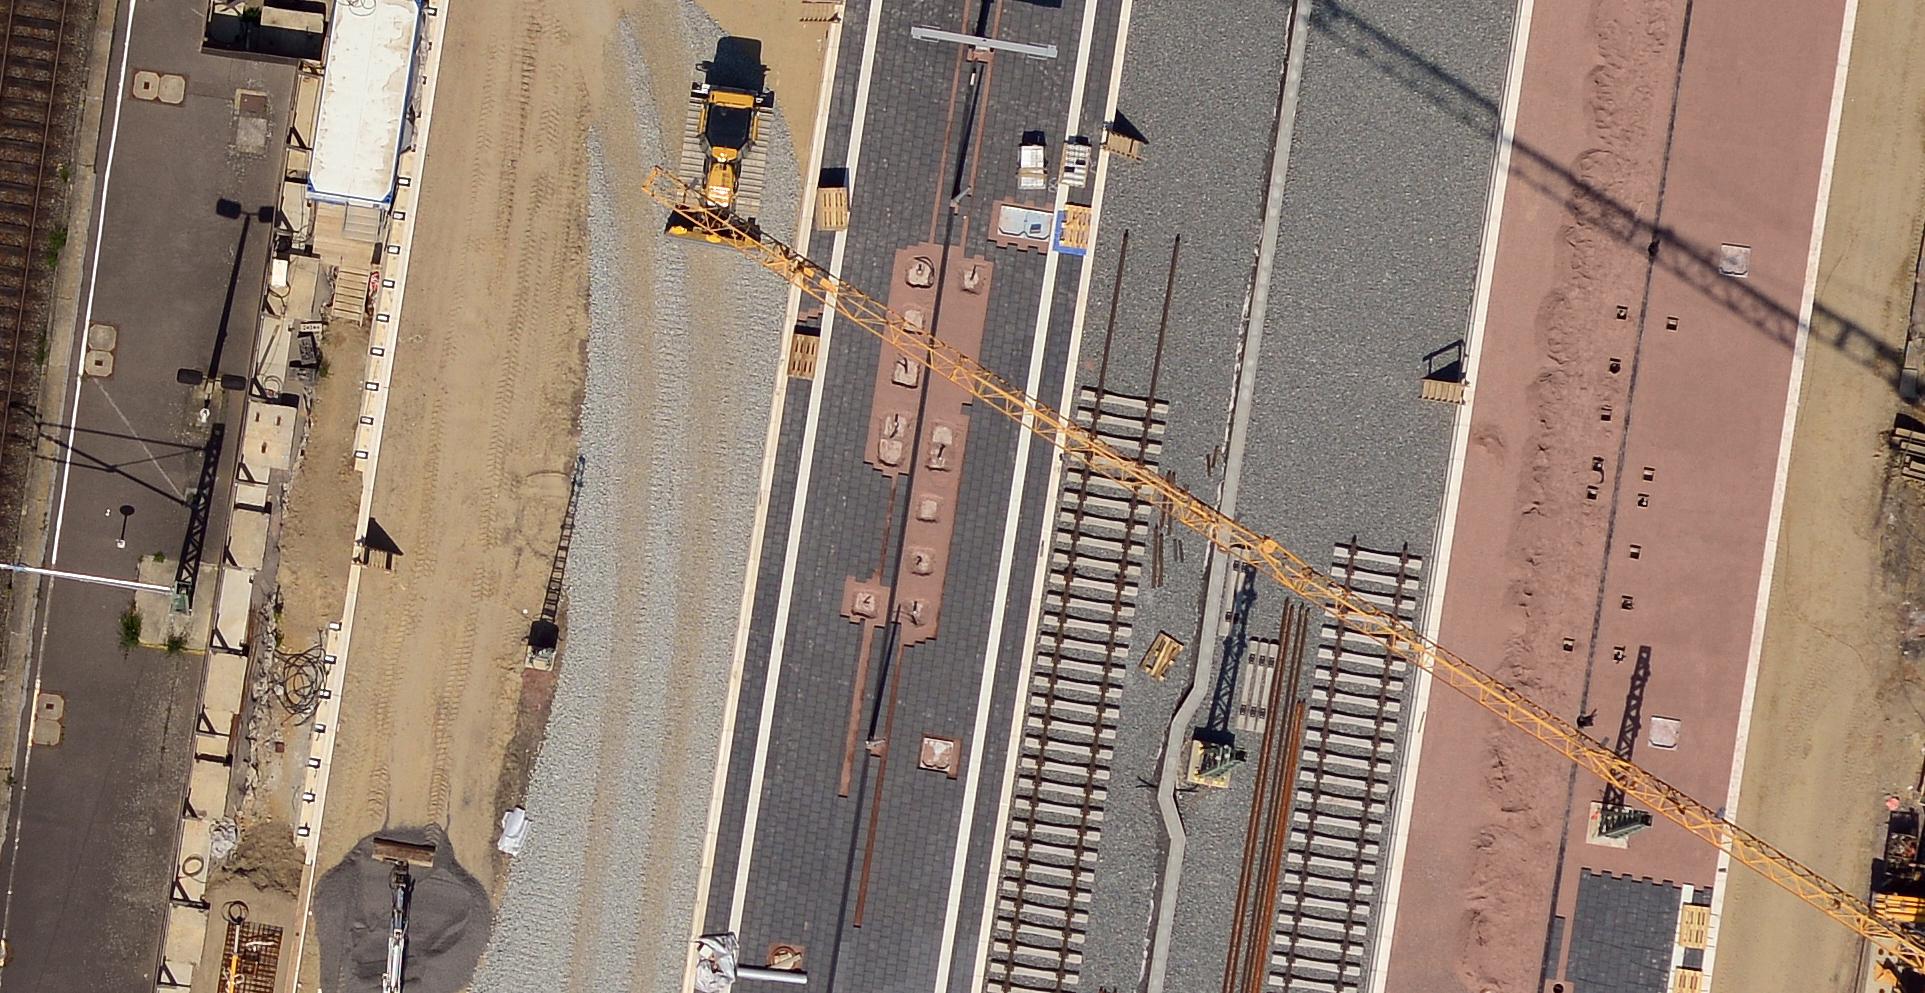 Bahnhof Übersicht ZOOM2 JPG